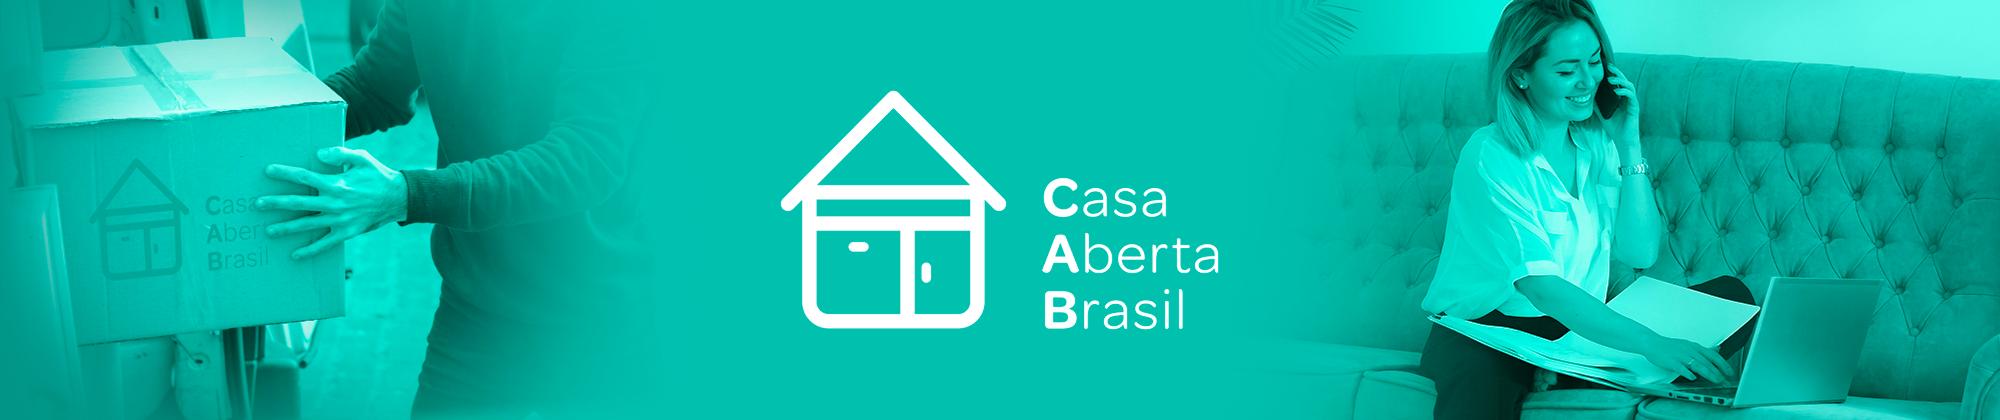 https://www.casaabertabrasil.com.br/